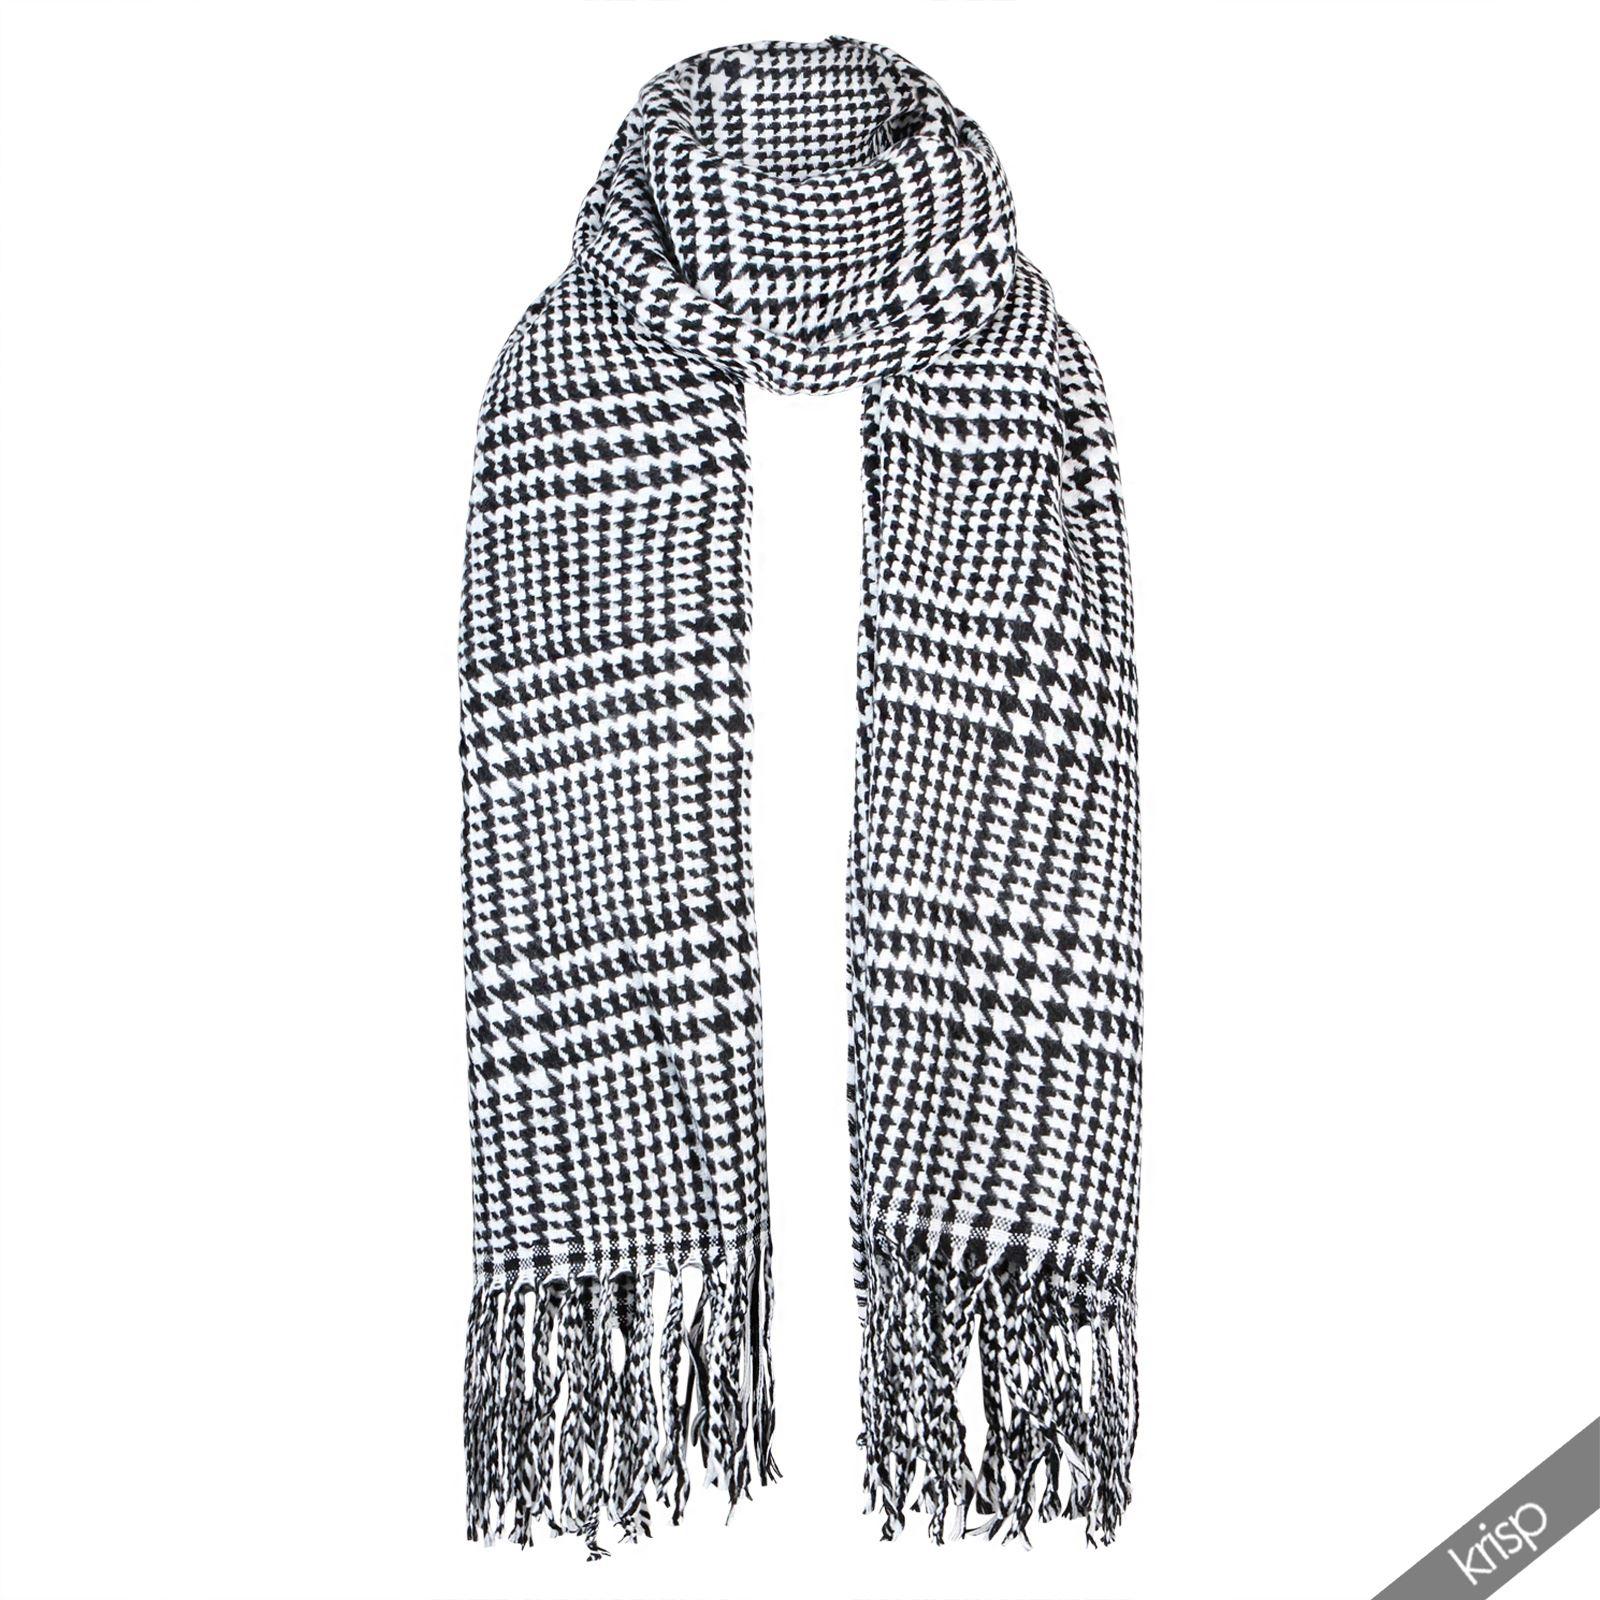 karierter schal glencheck schwarz wei karo fransentuch wintermode accessoire ebay. Black Bedroom Furniture Sets. Home Design Ideas